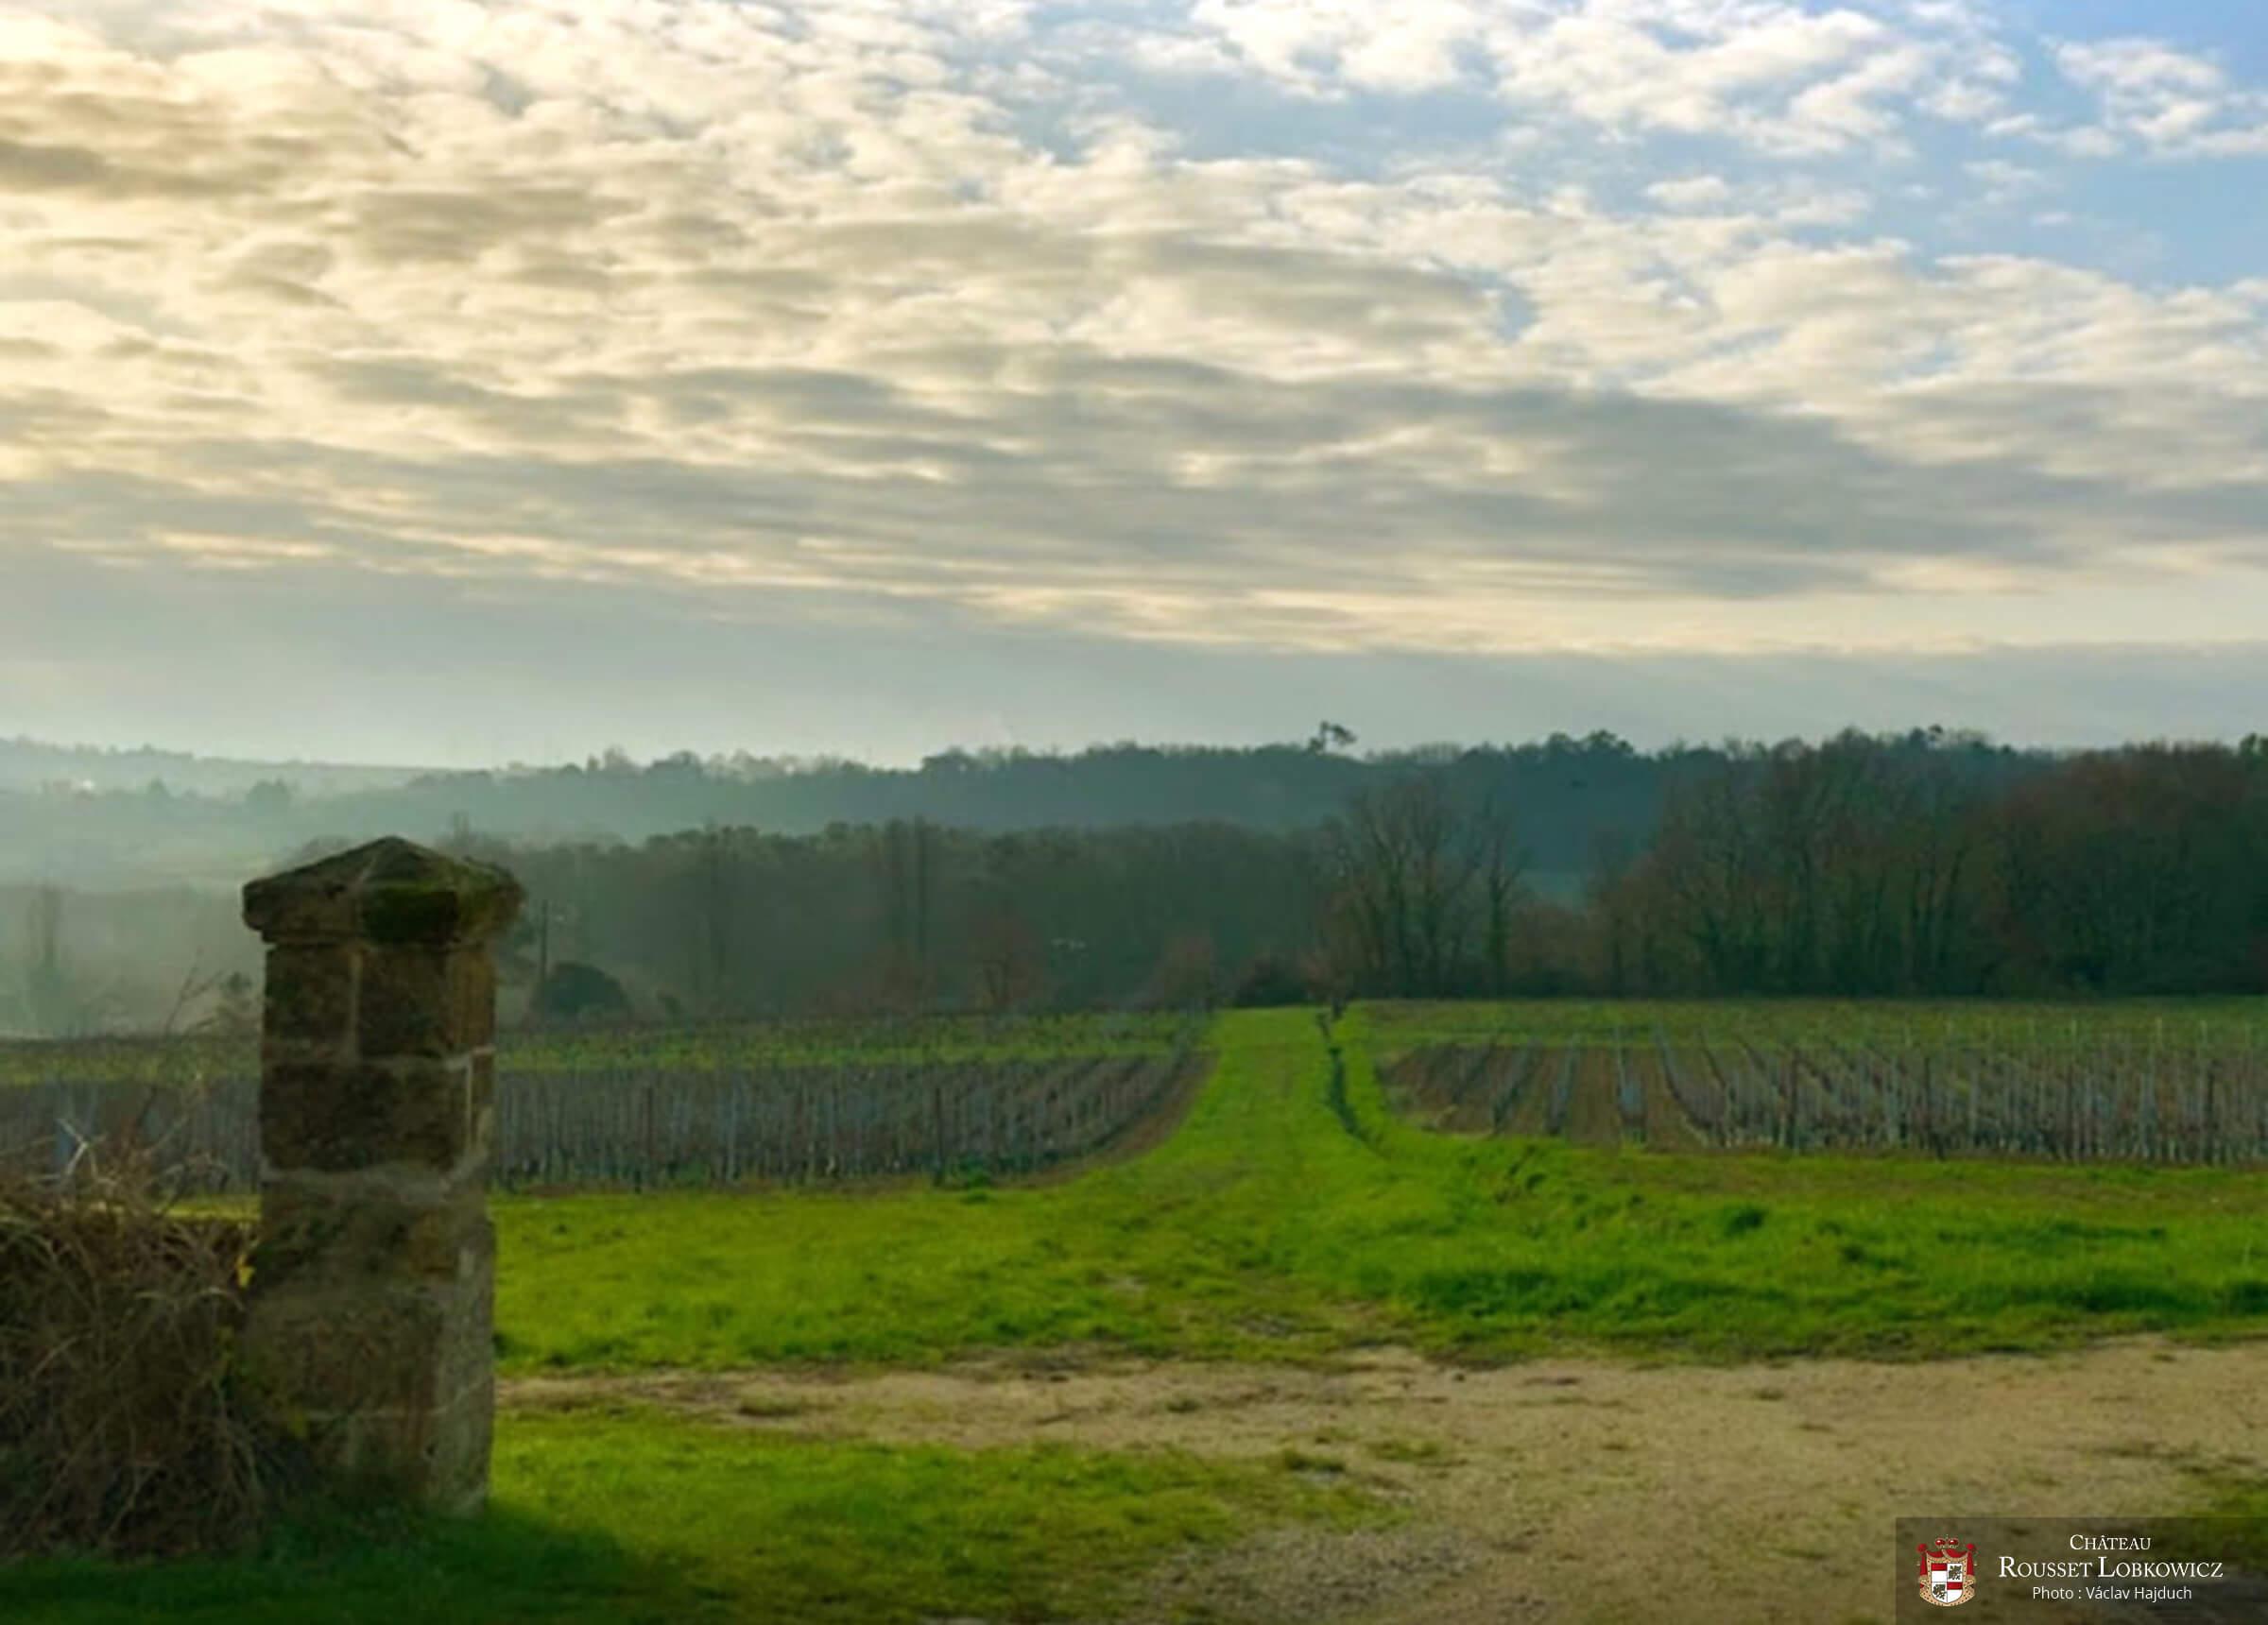 Le vignoble - Château Rousset Lobkowicz